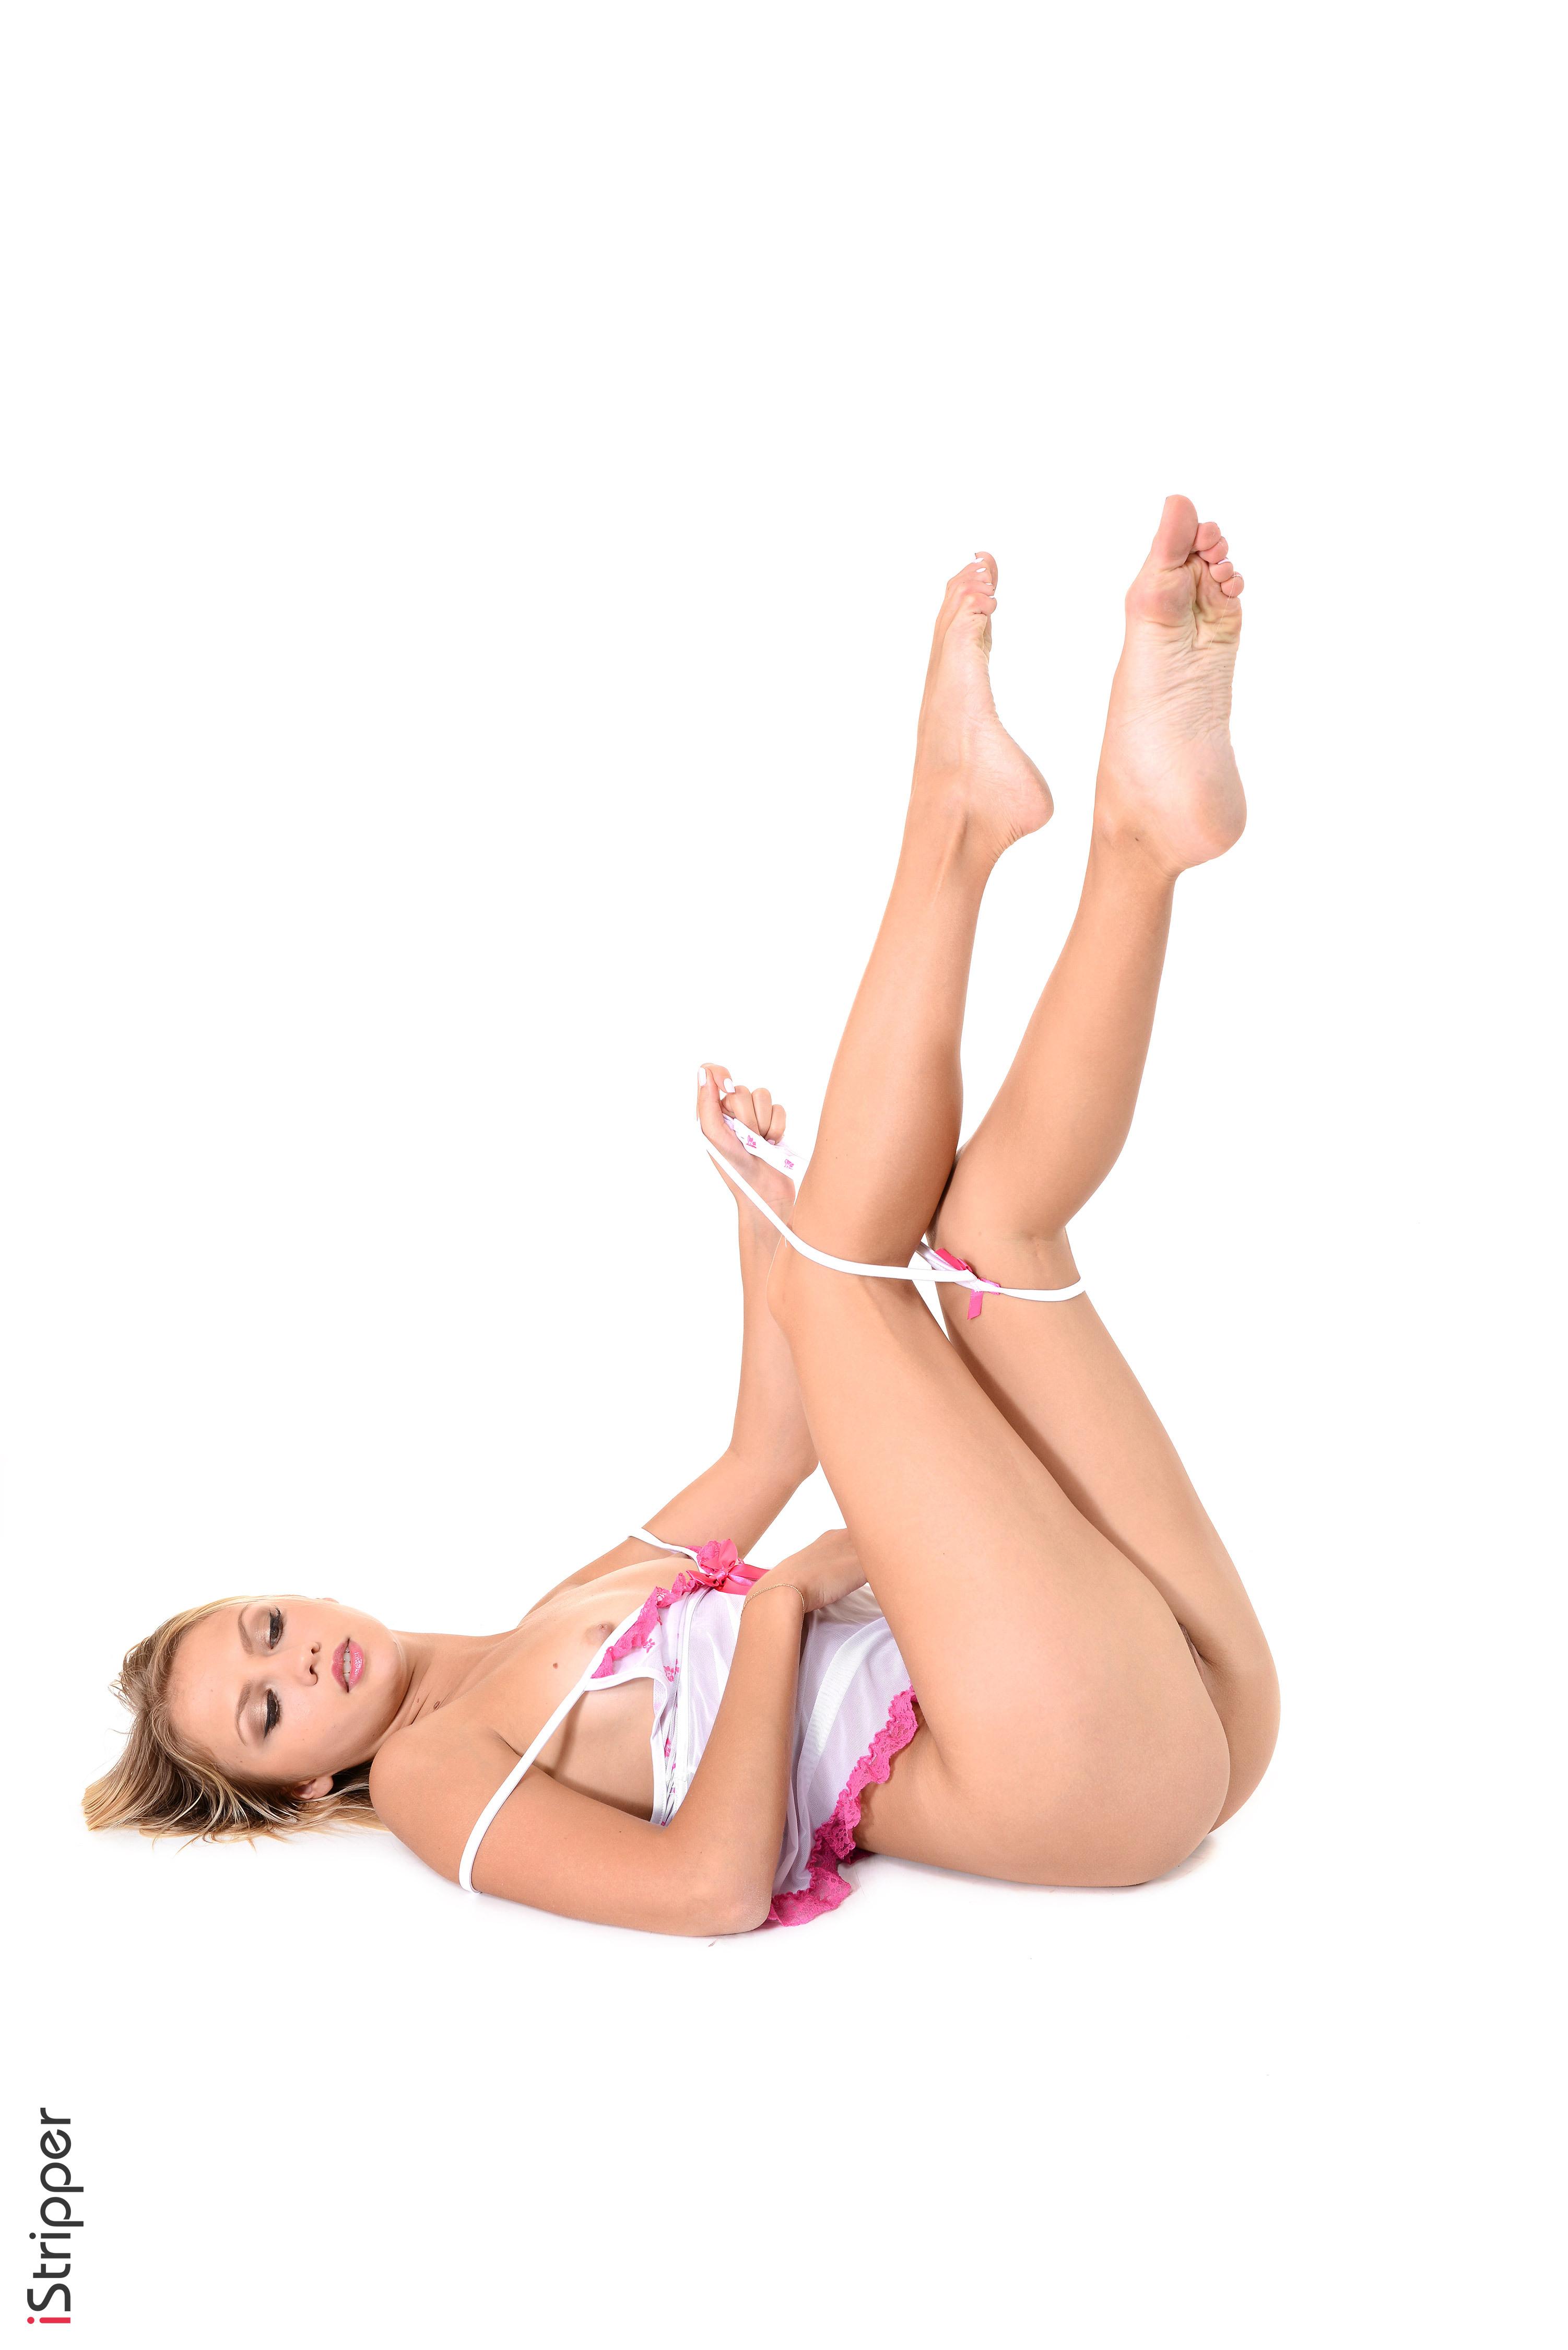 hd wallpapers hd fake nude hd mandy kay